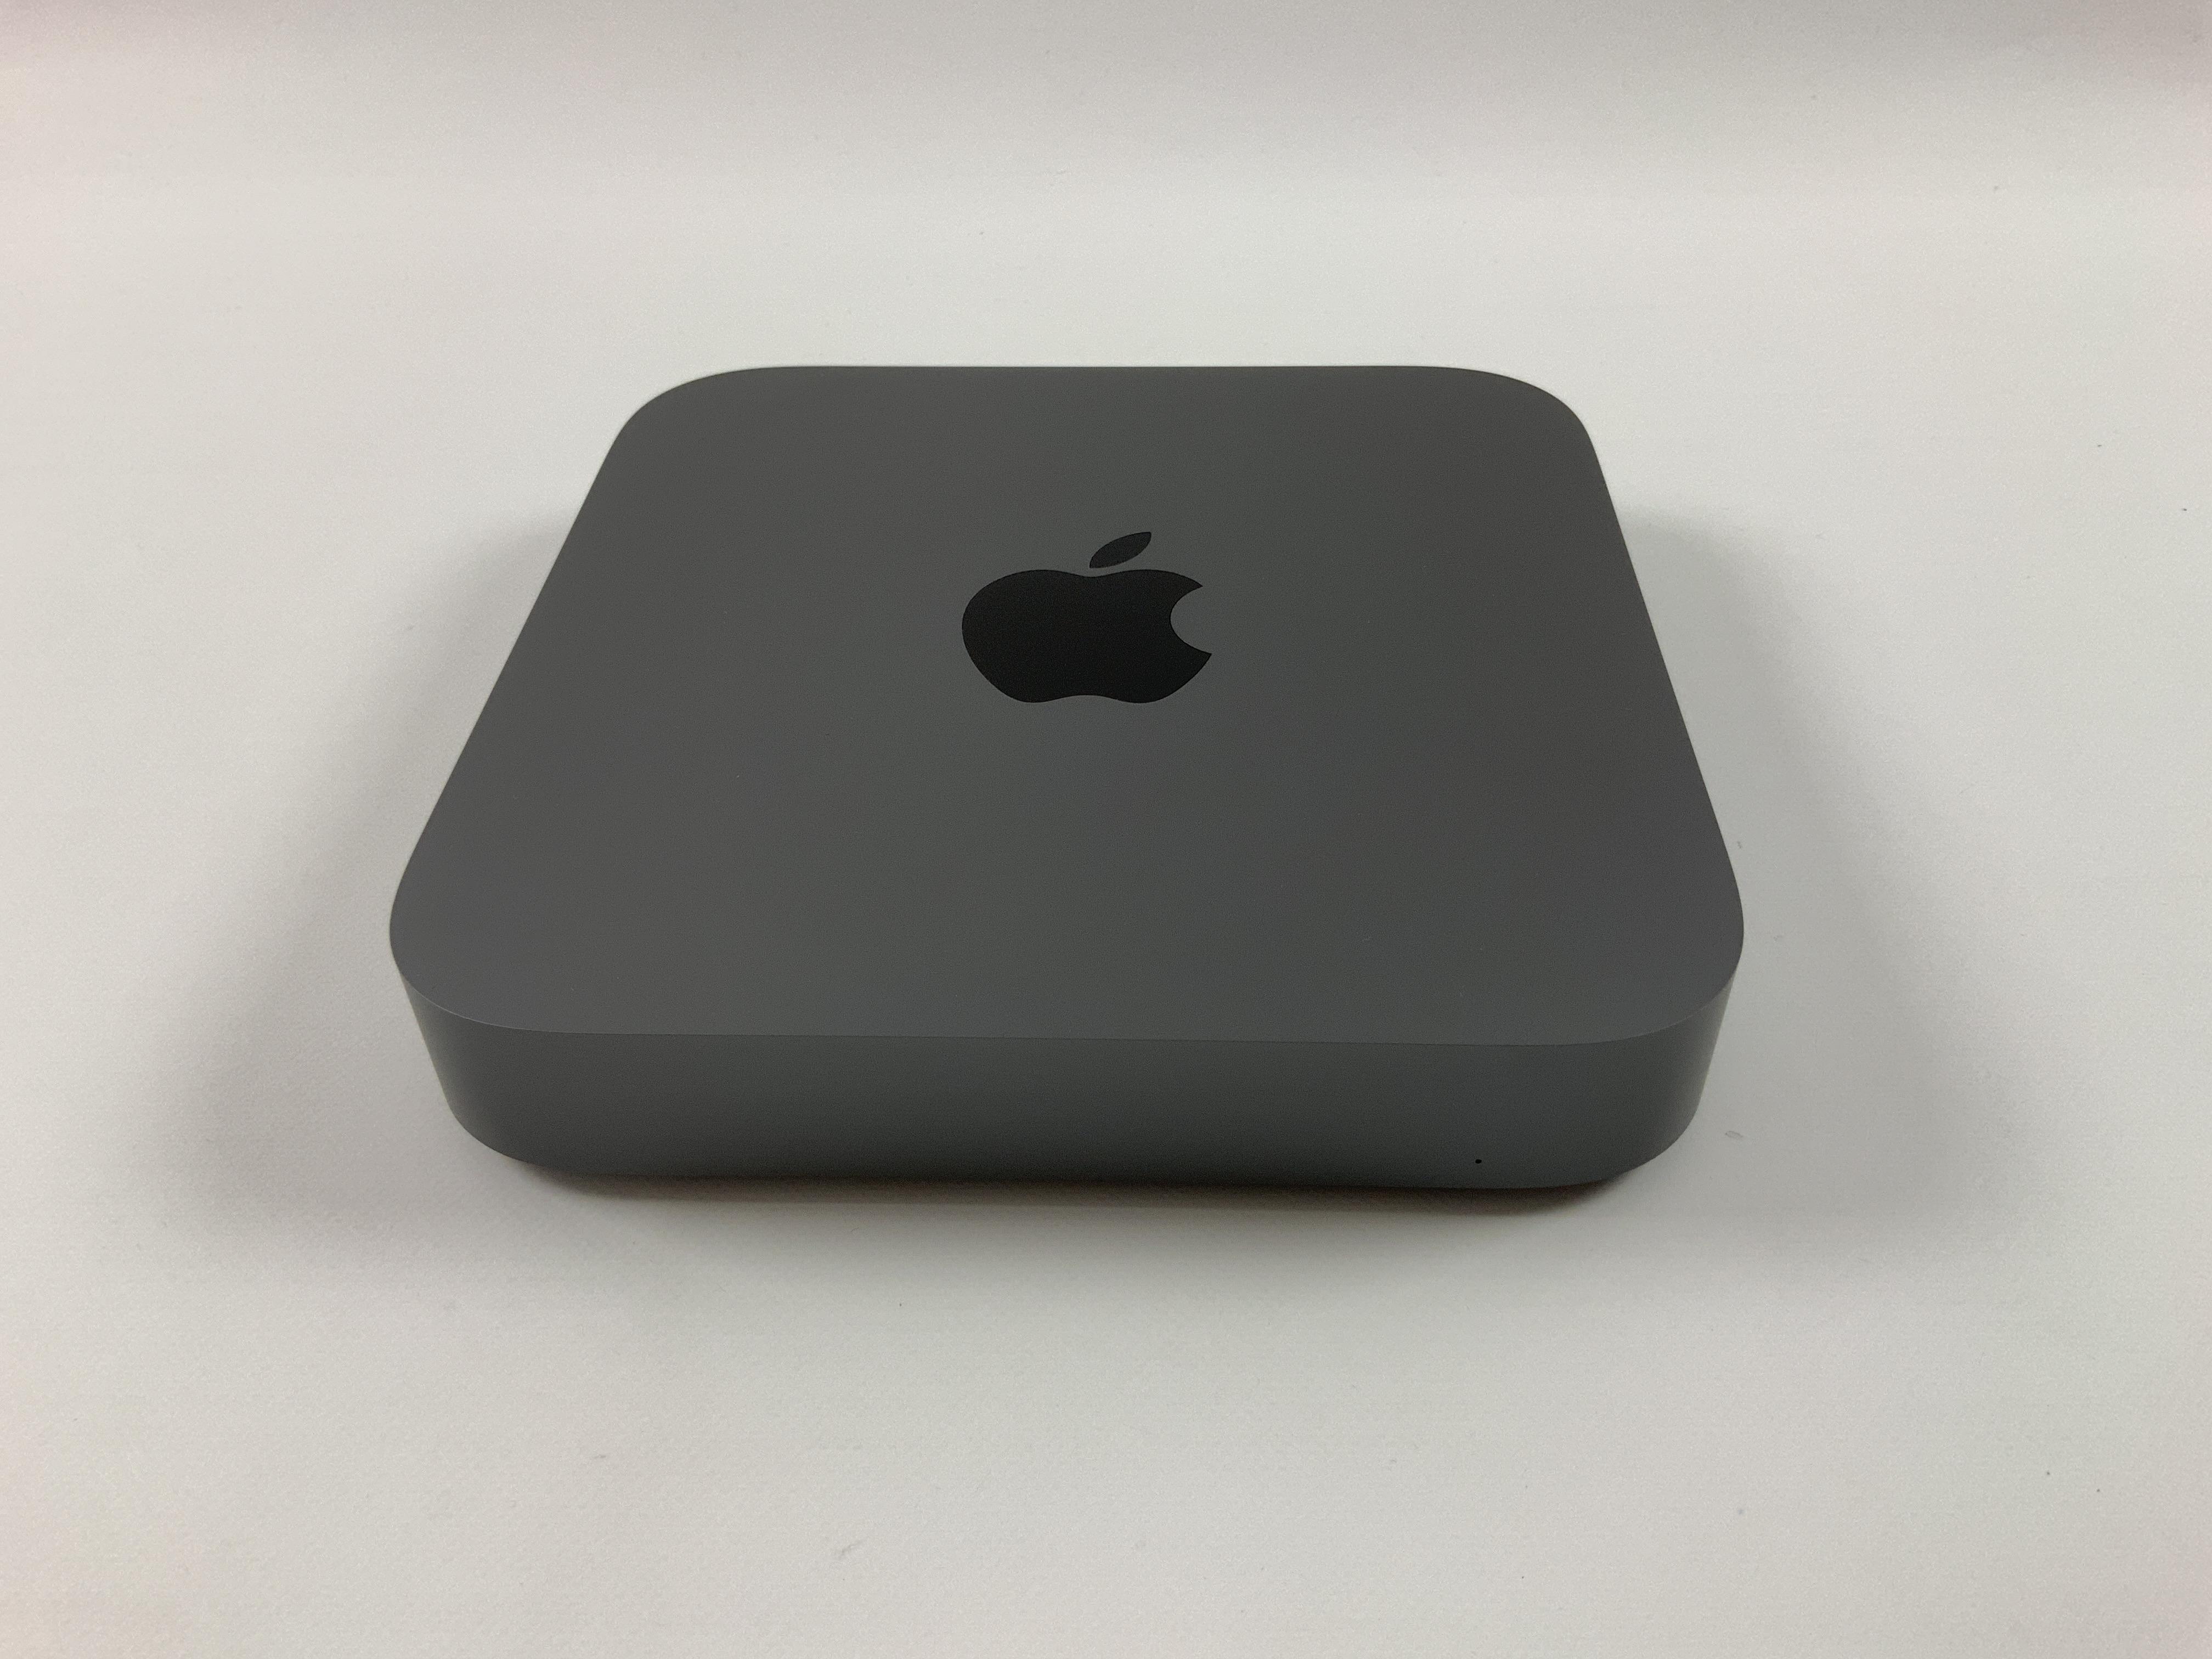 Mac Mini Early 2020 (Intel Quad-Core i3 3.6 GHz 64 GB RAM 256 GB SSD), Intel Quad-Core i3 3.6 GHz, 64 GB RAM, 256 GB SSD, Kuva 1